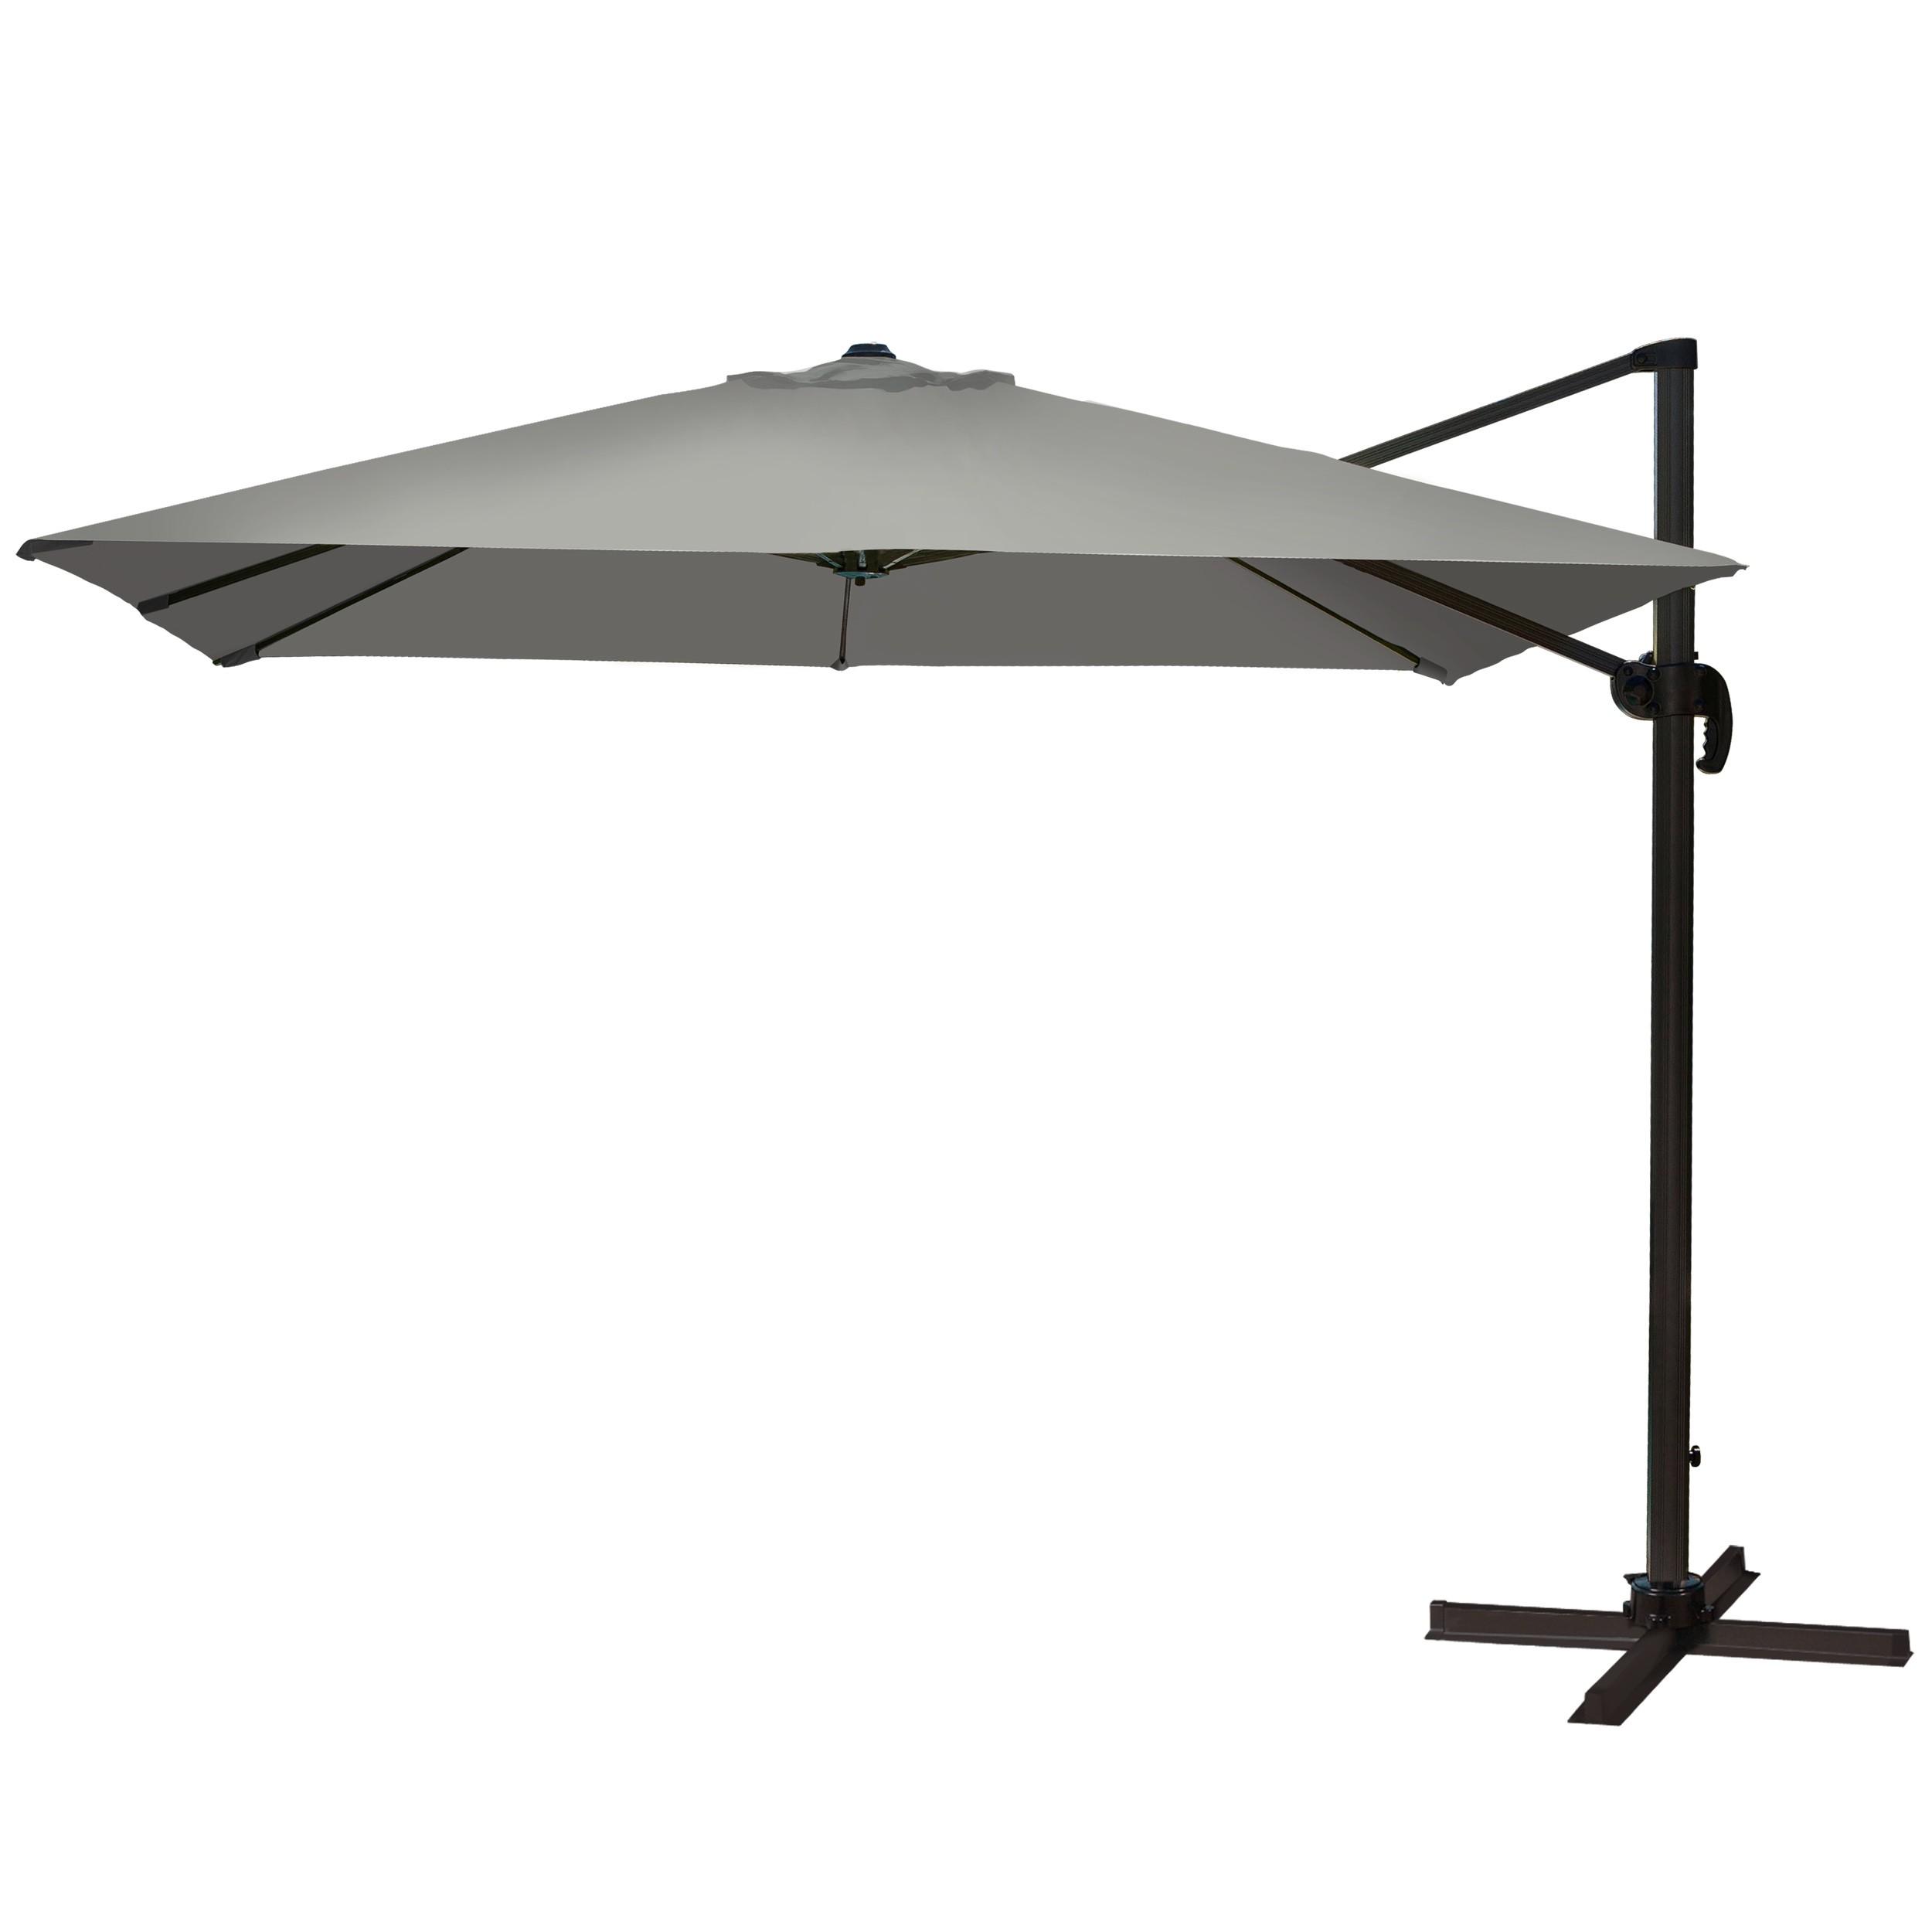 Parasol déporté St Tropez gris : découvrez nos parasols carrés